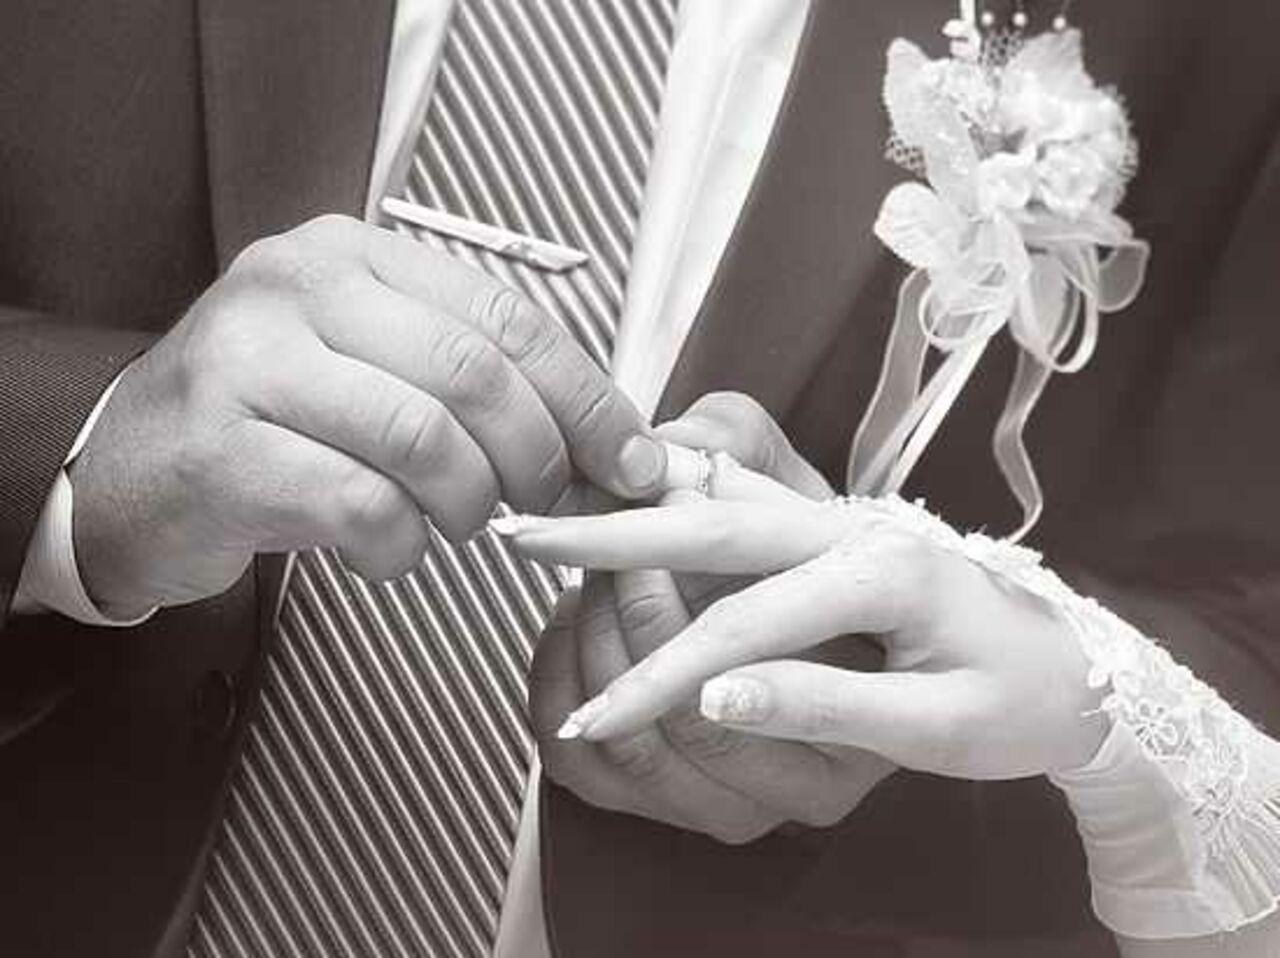 Ученые назвали безупречную разницу ввозрасте для счастливого брака